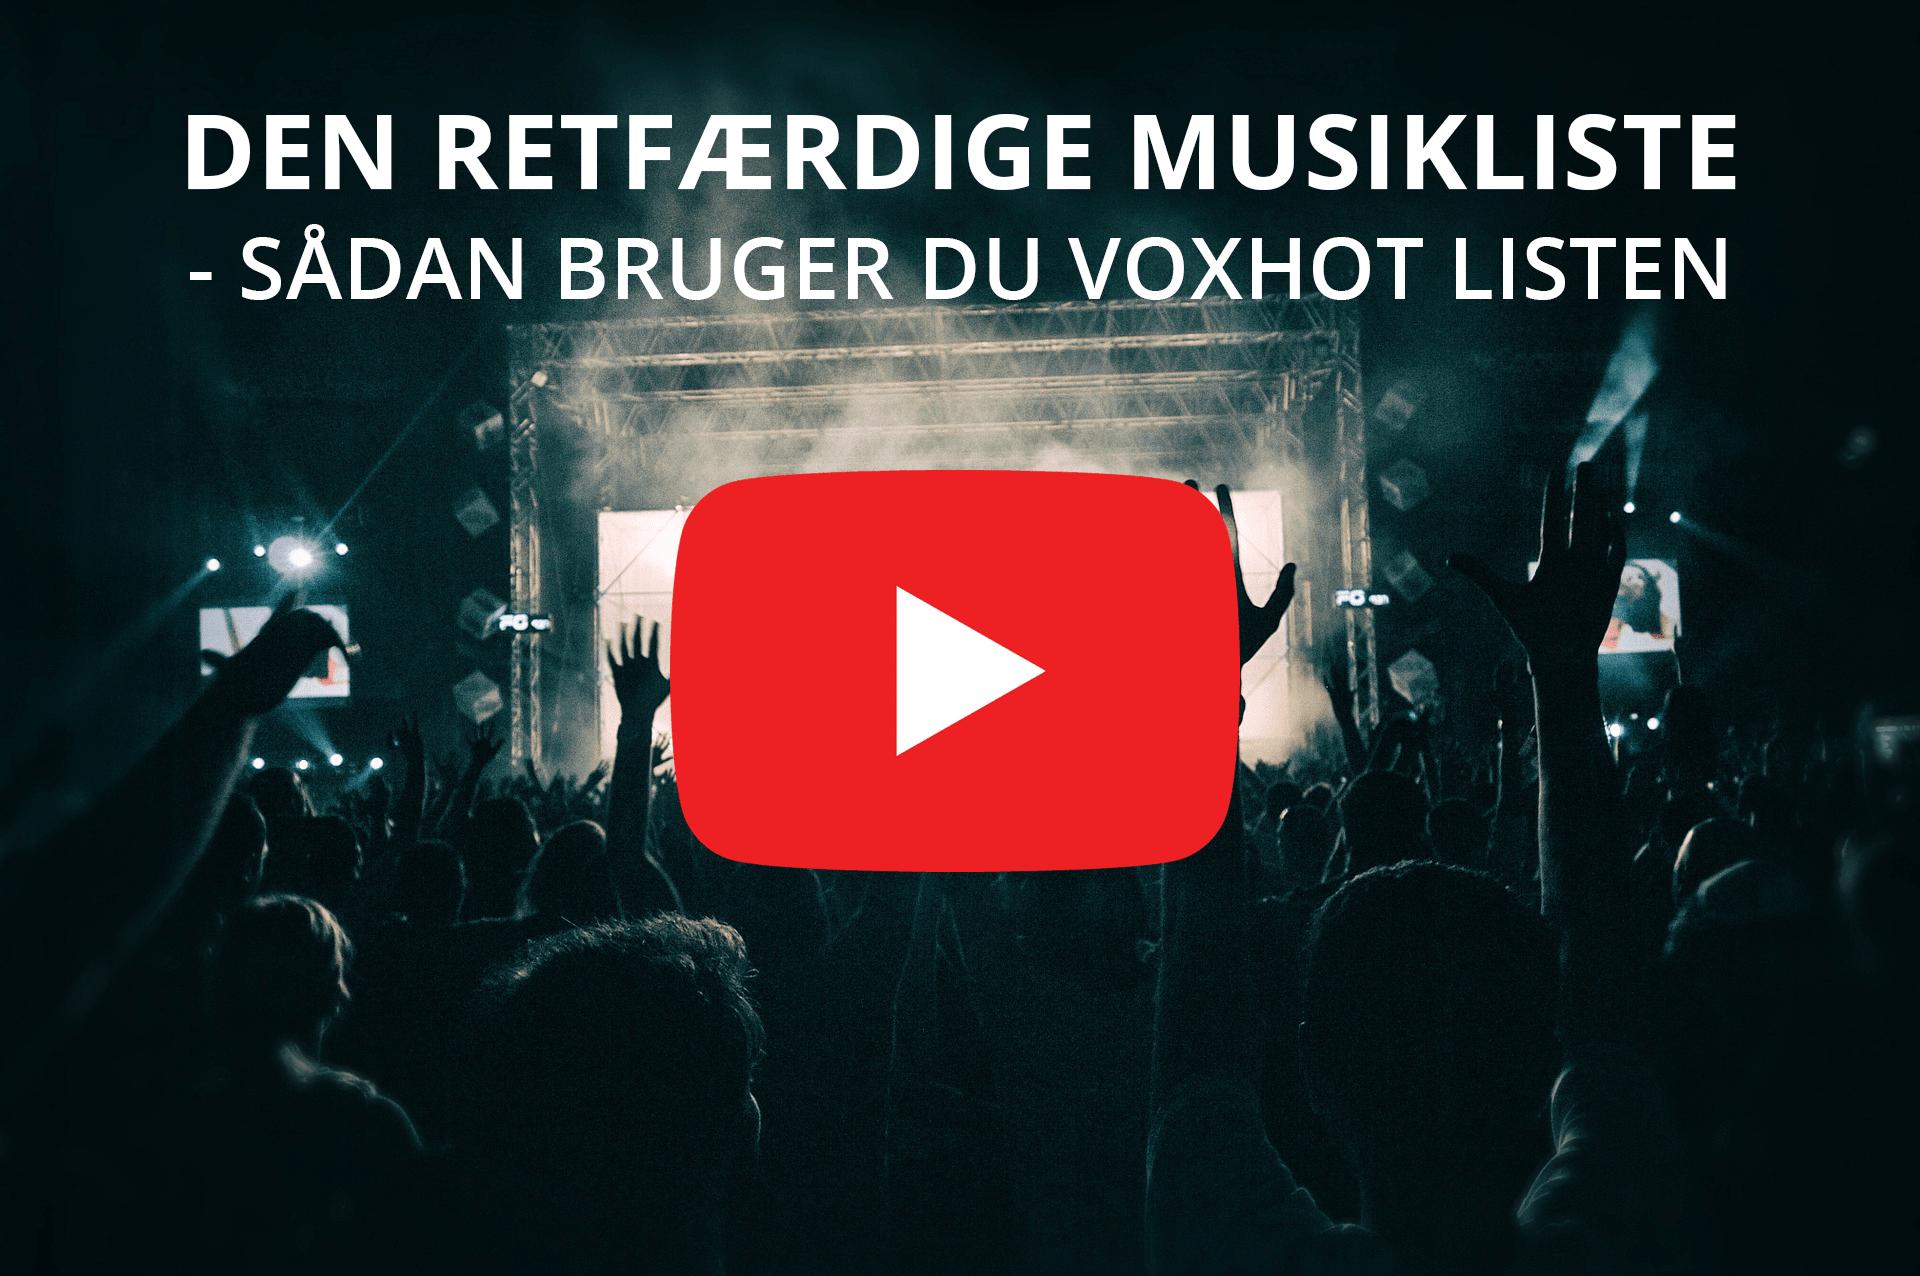 Bliv vist på VoxHot-listen